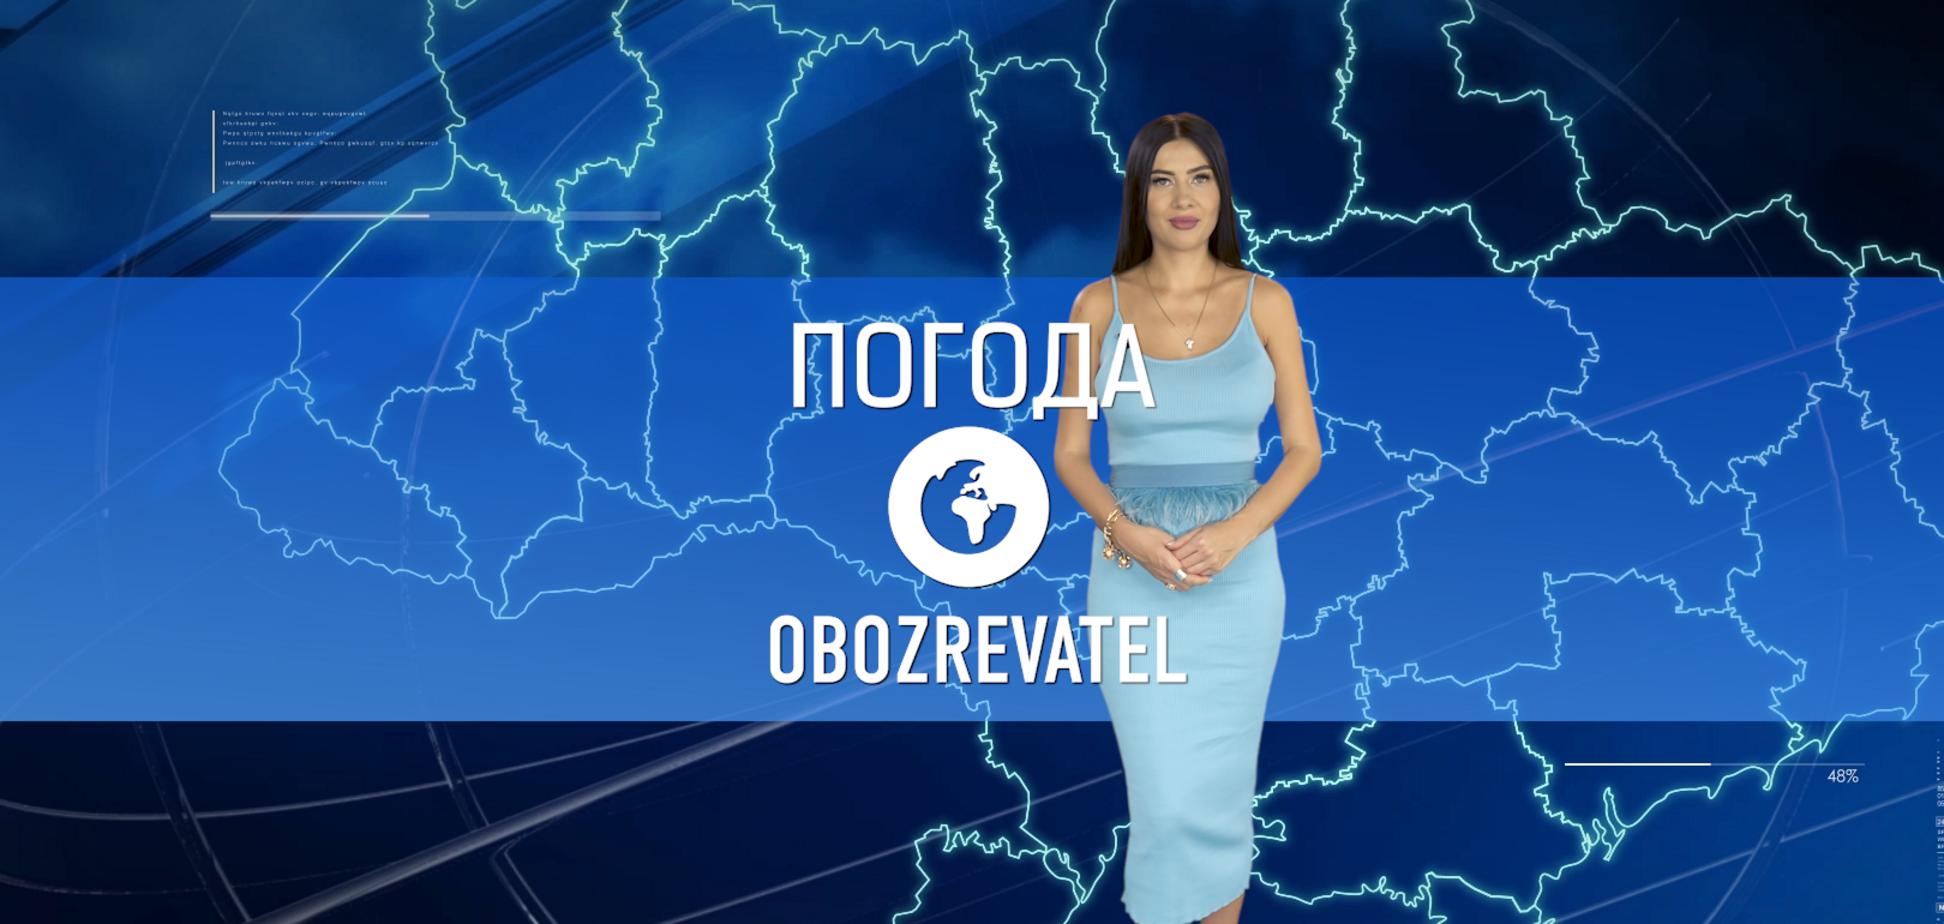 Прогноз погоды в Украине на вторник, 5 октября, с Алисой Мярковской